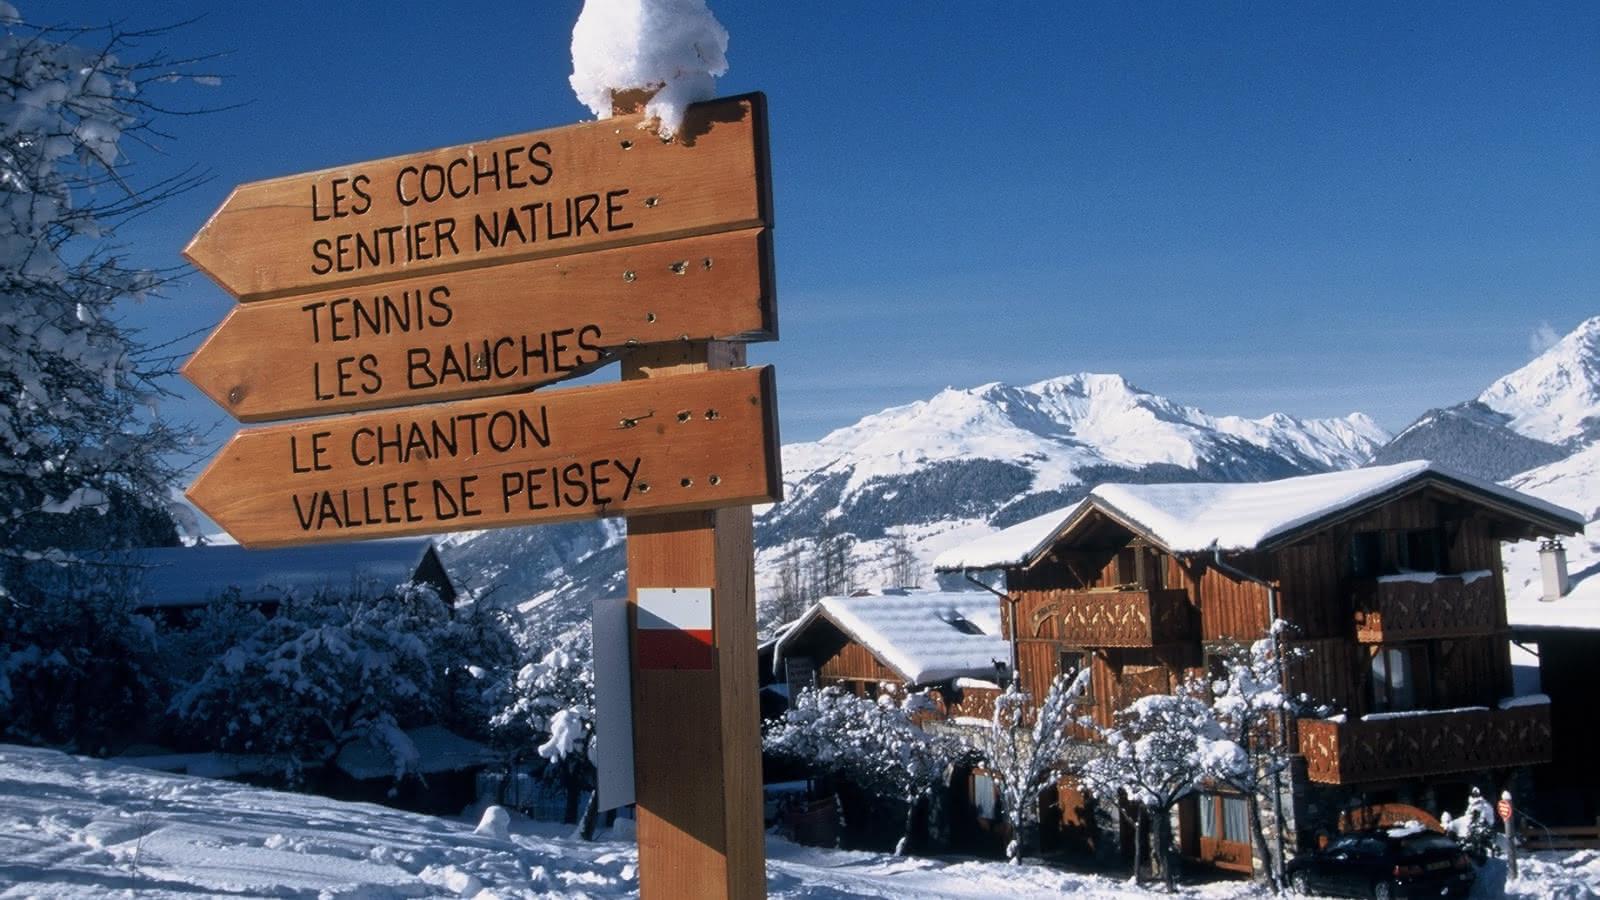 Panneau indicateur vers Les Coches - Sentier Nature